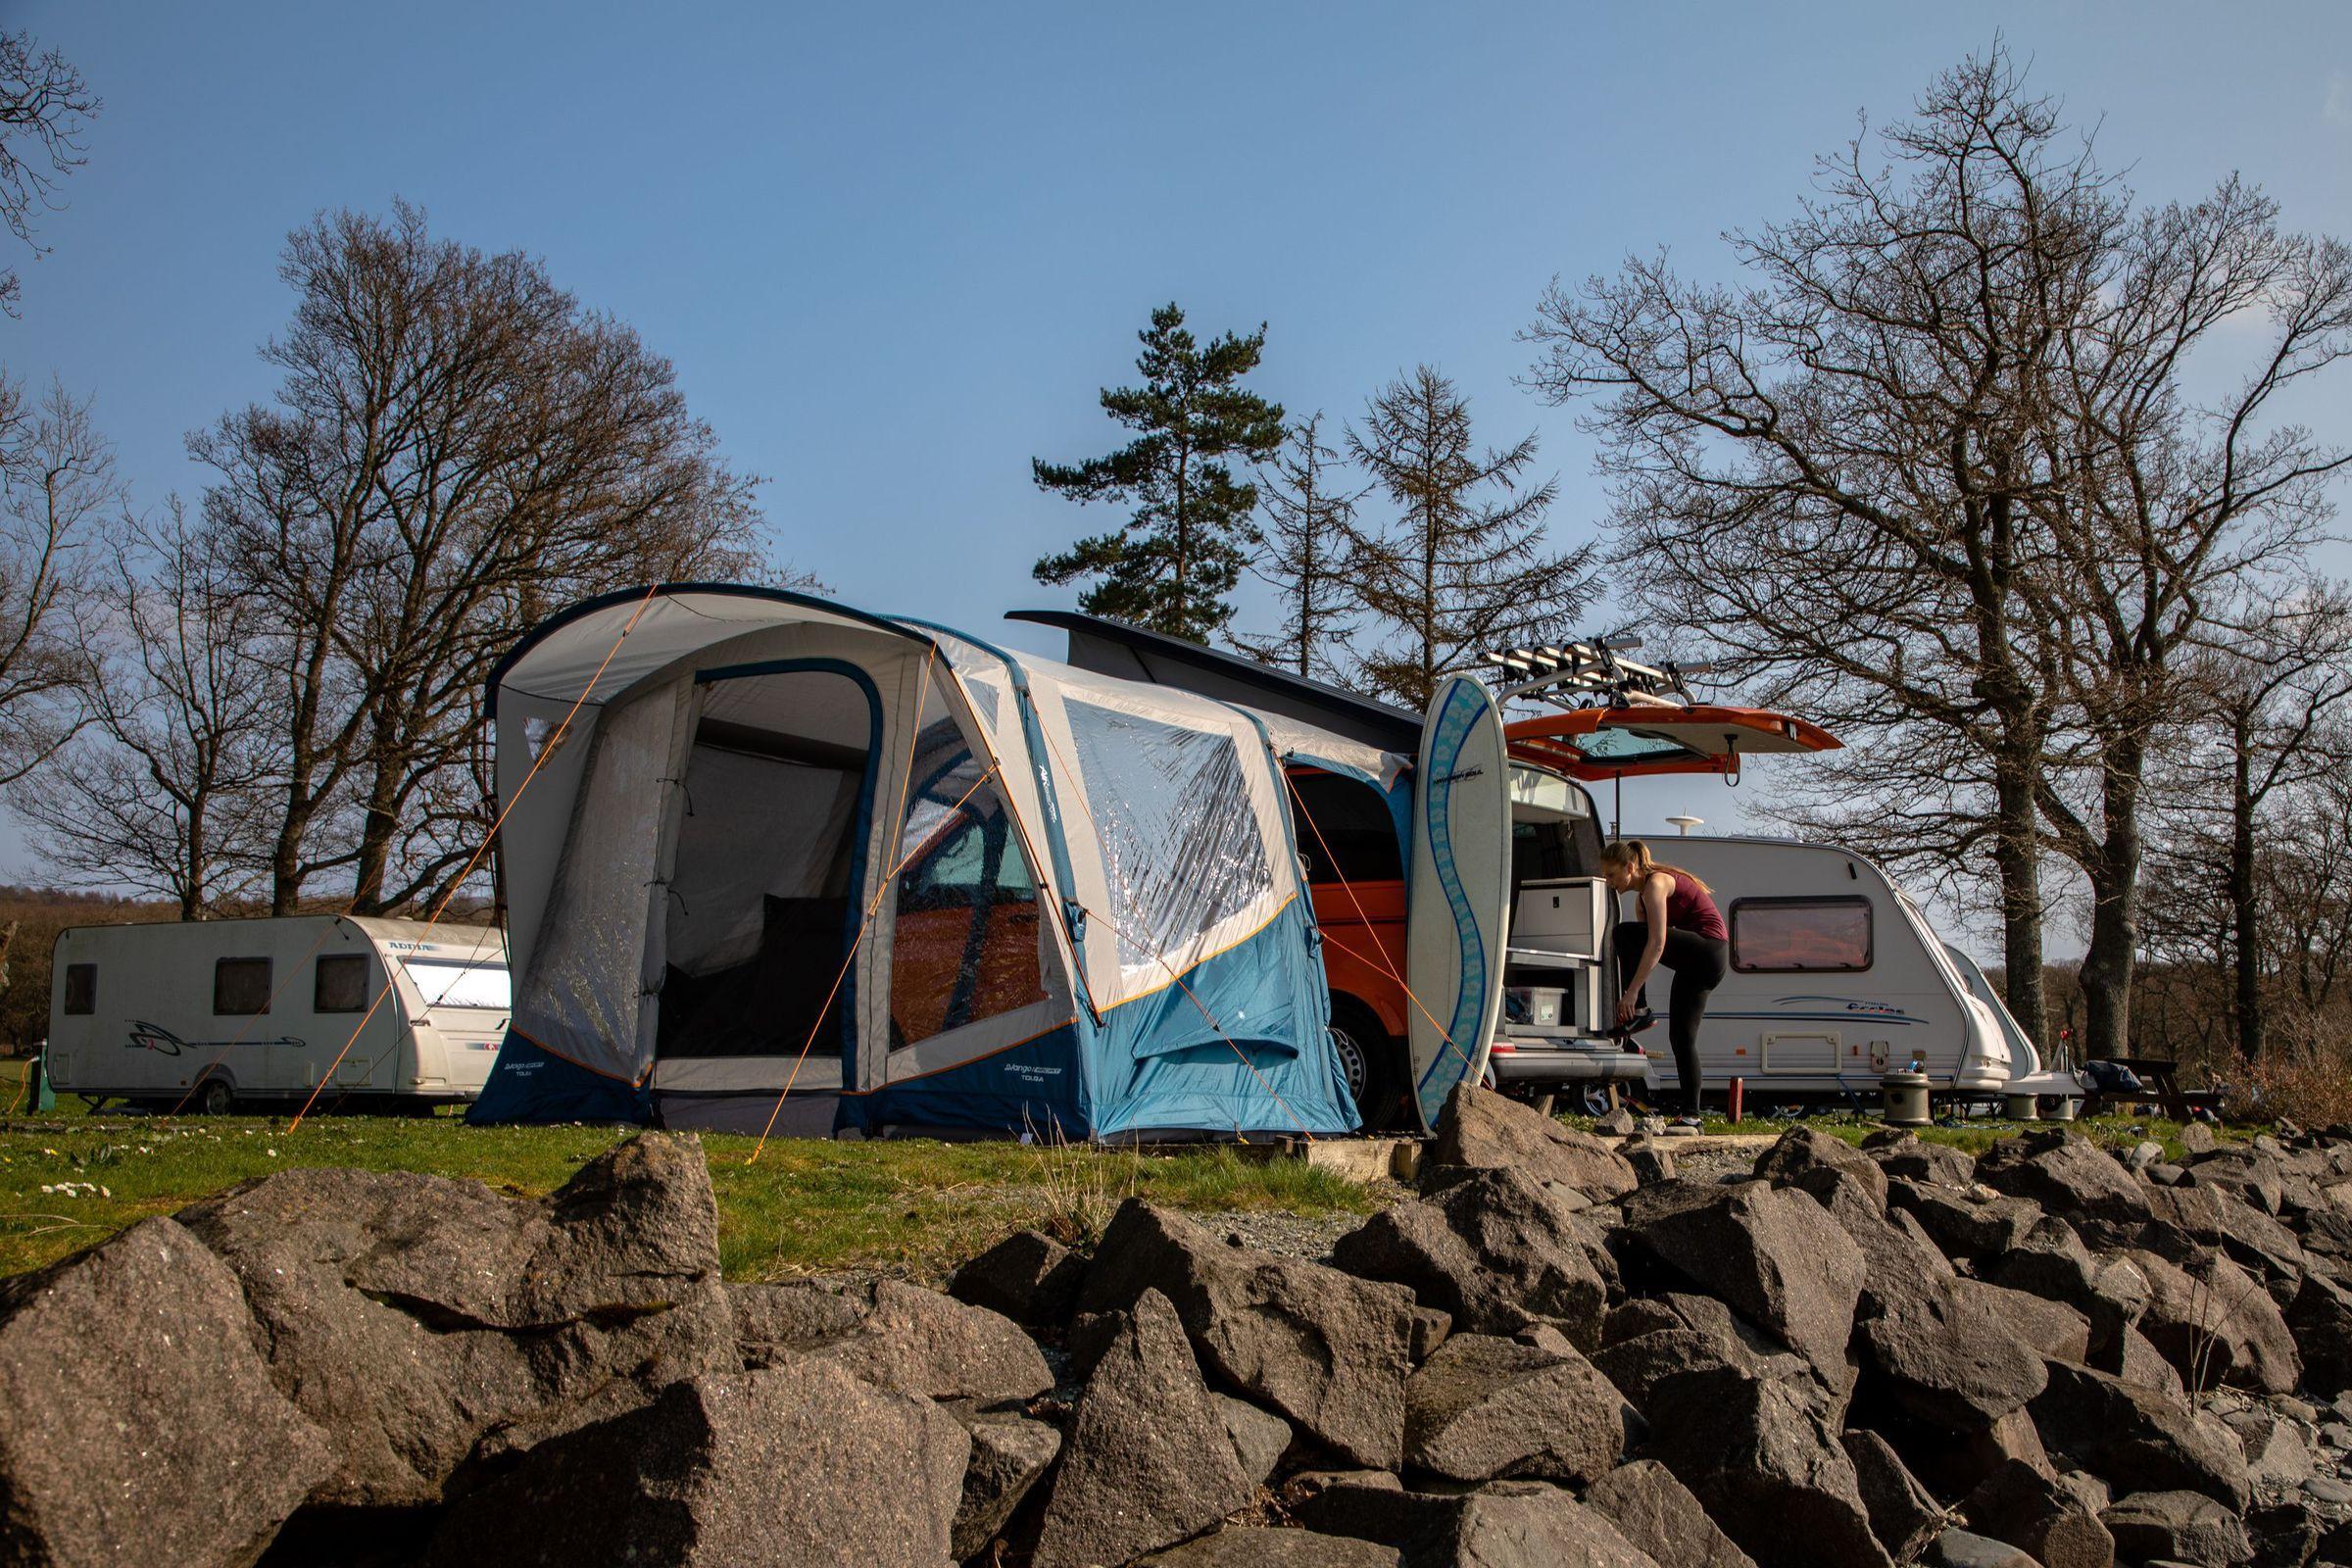 Vango Tolga Vw Low Driveaway Awning Norwich Camping3